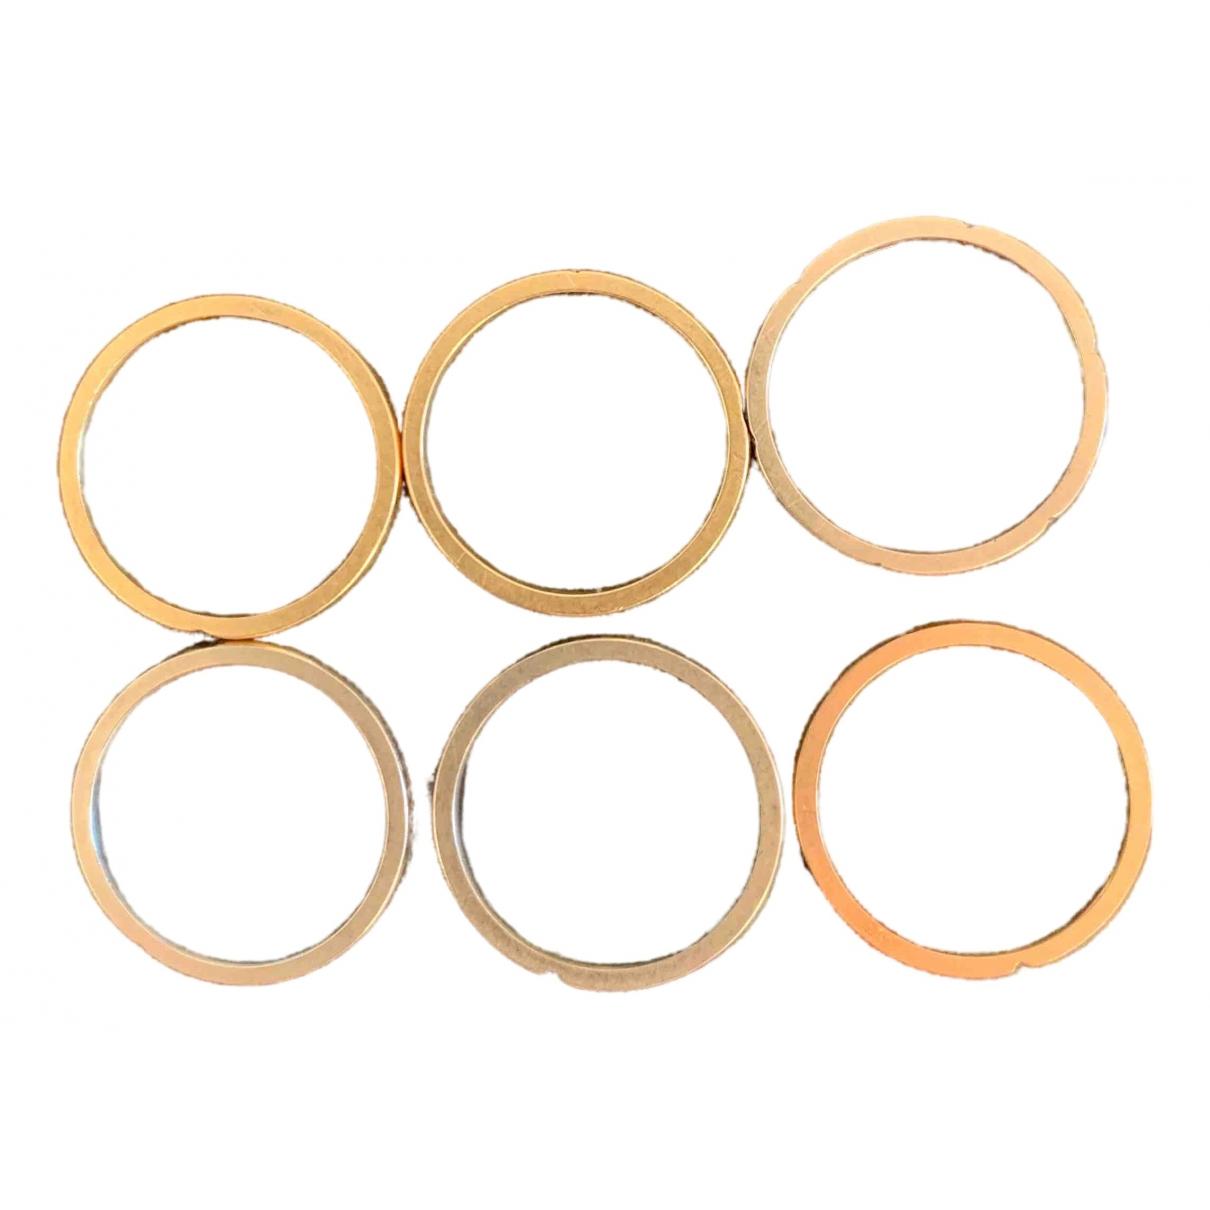 Pomellato Lucciole Ring in Rosegold